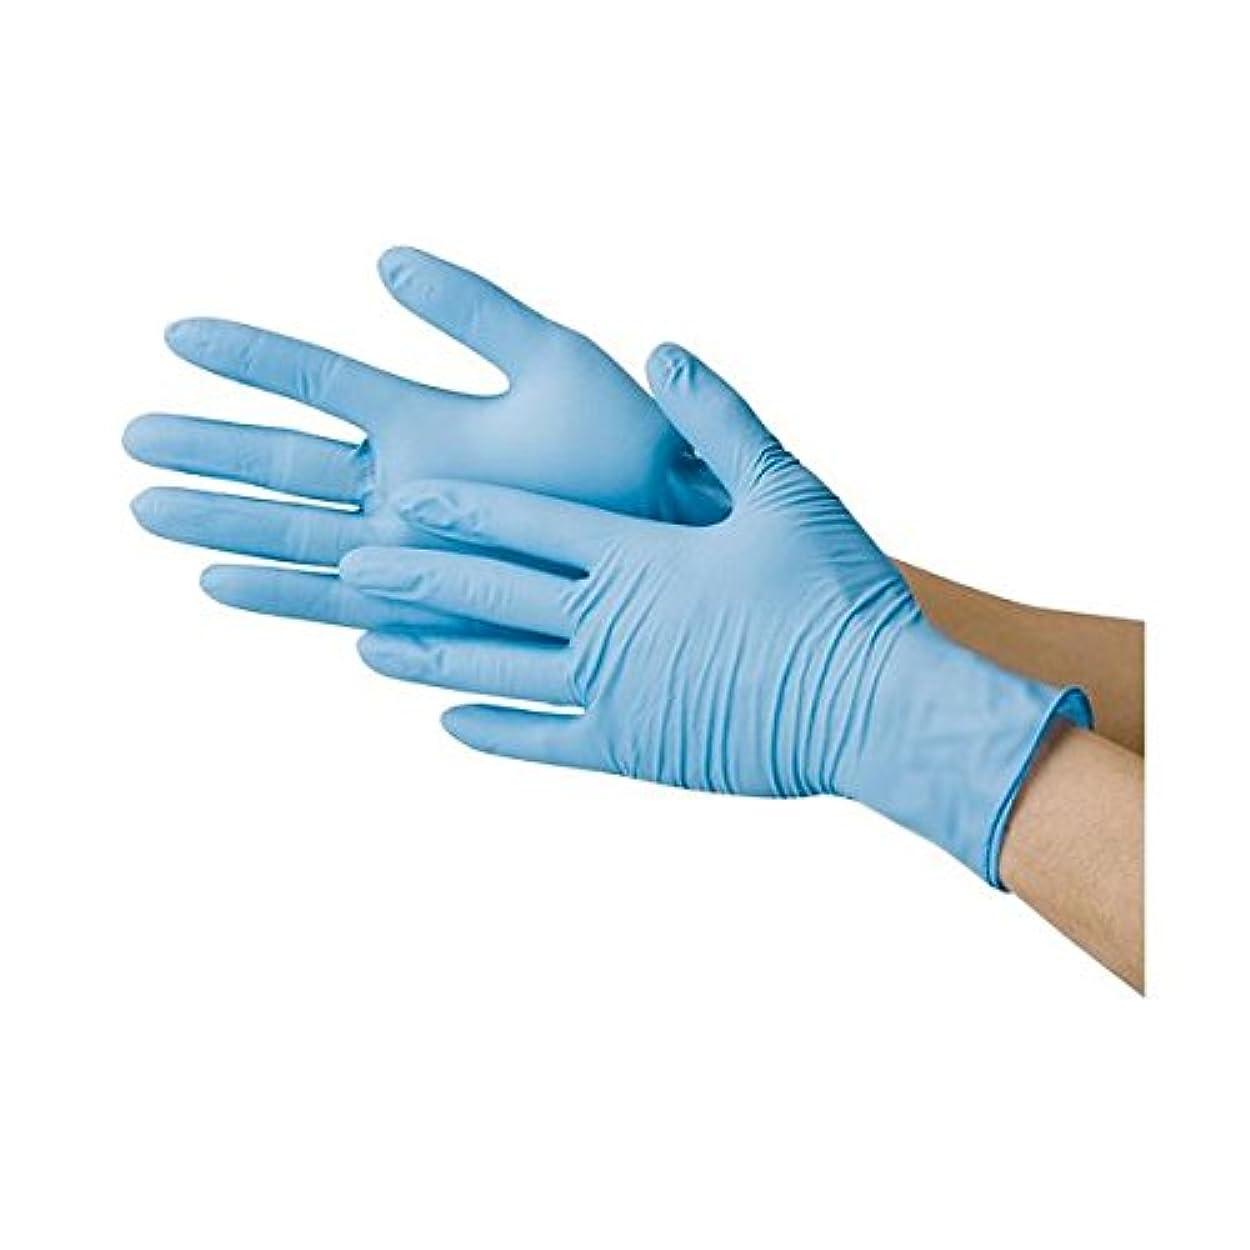 アイドル指紋何か川西工業 ニトリル極薄手袋 粉なし ブルーS ダイエット 健康 衛生用品 その他の衛生用品 14067381 [並行輸入品]